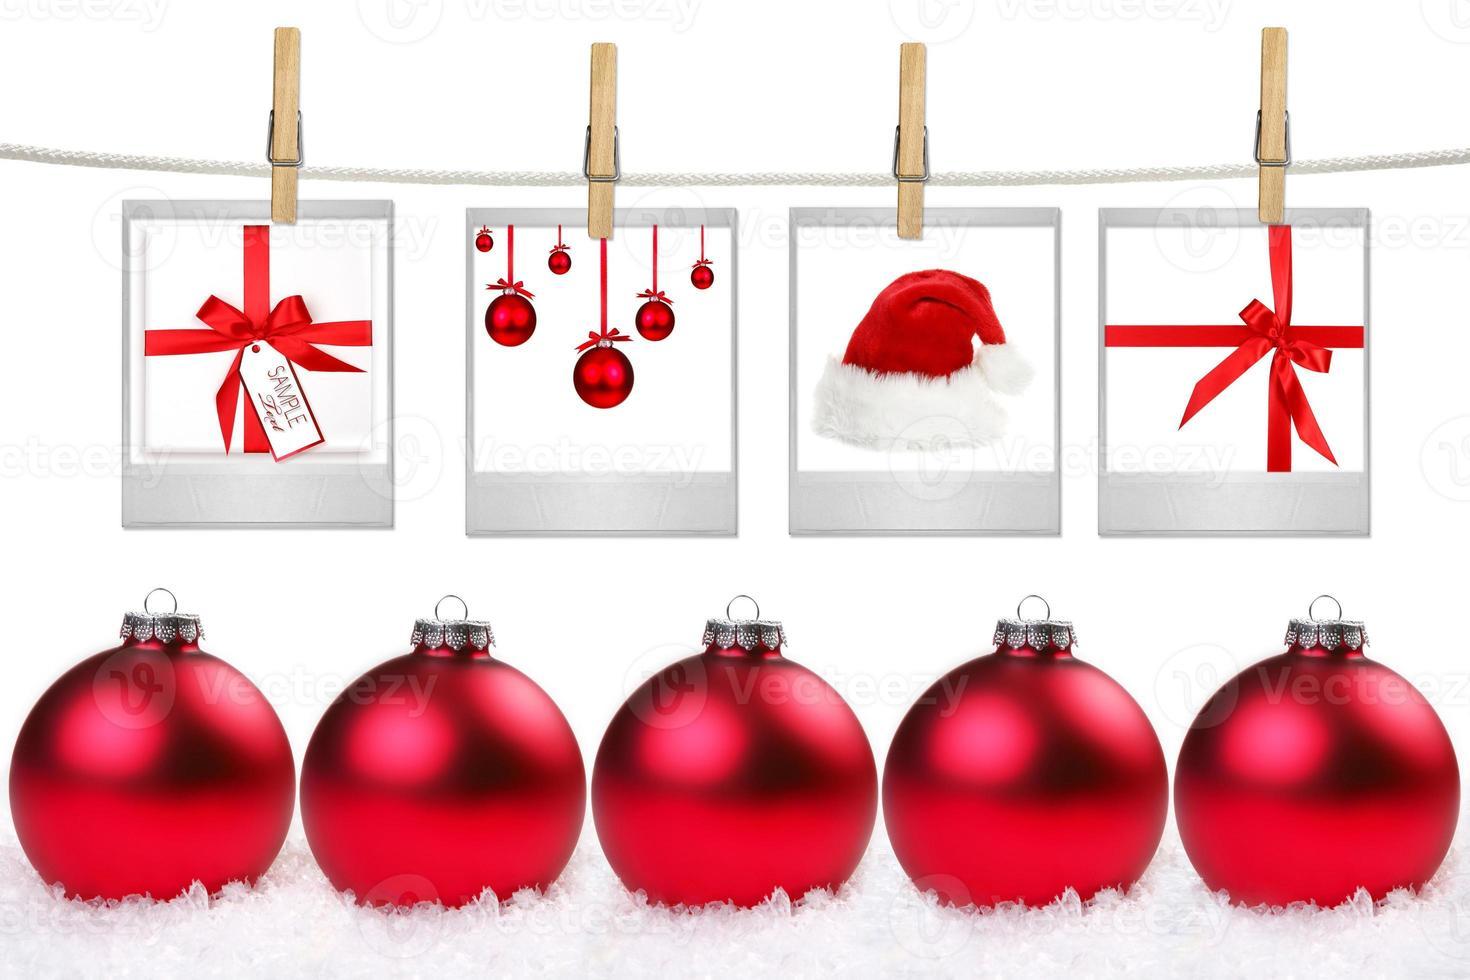 Filmrohlinge mit Bildern von Weihnachtsartikeln foto